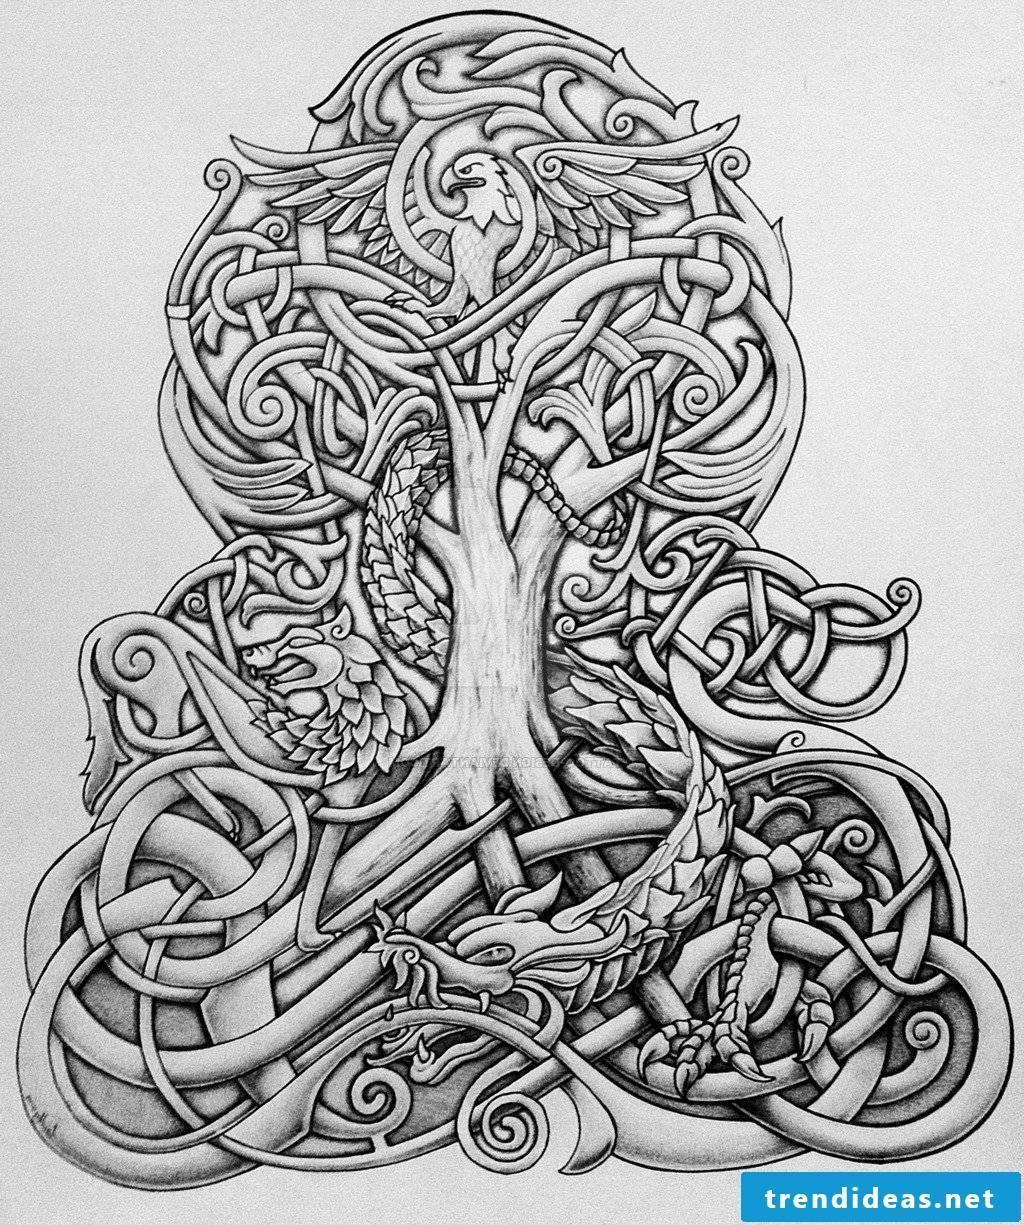 Viking tattoo, Thorshammer Ttrible